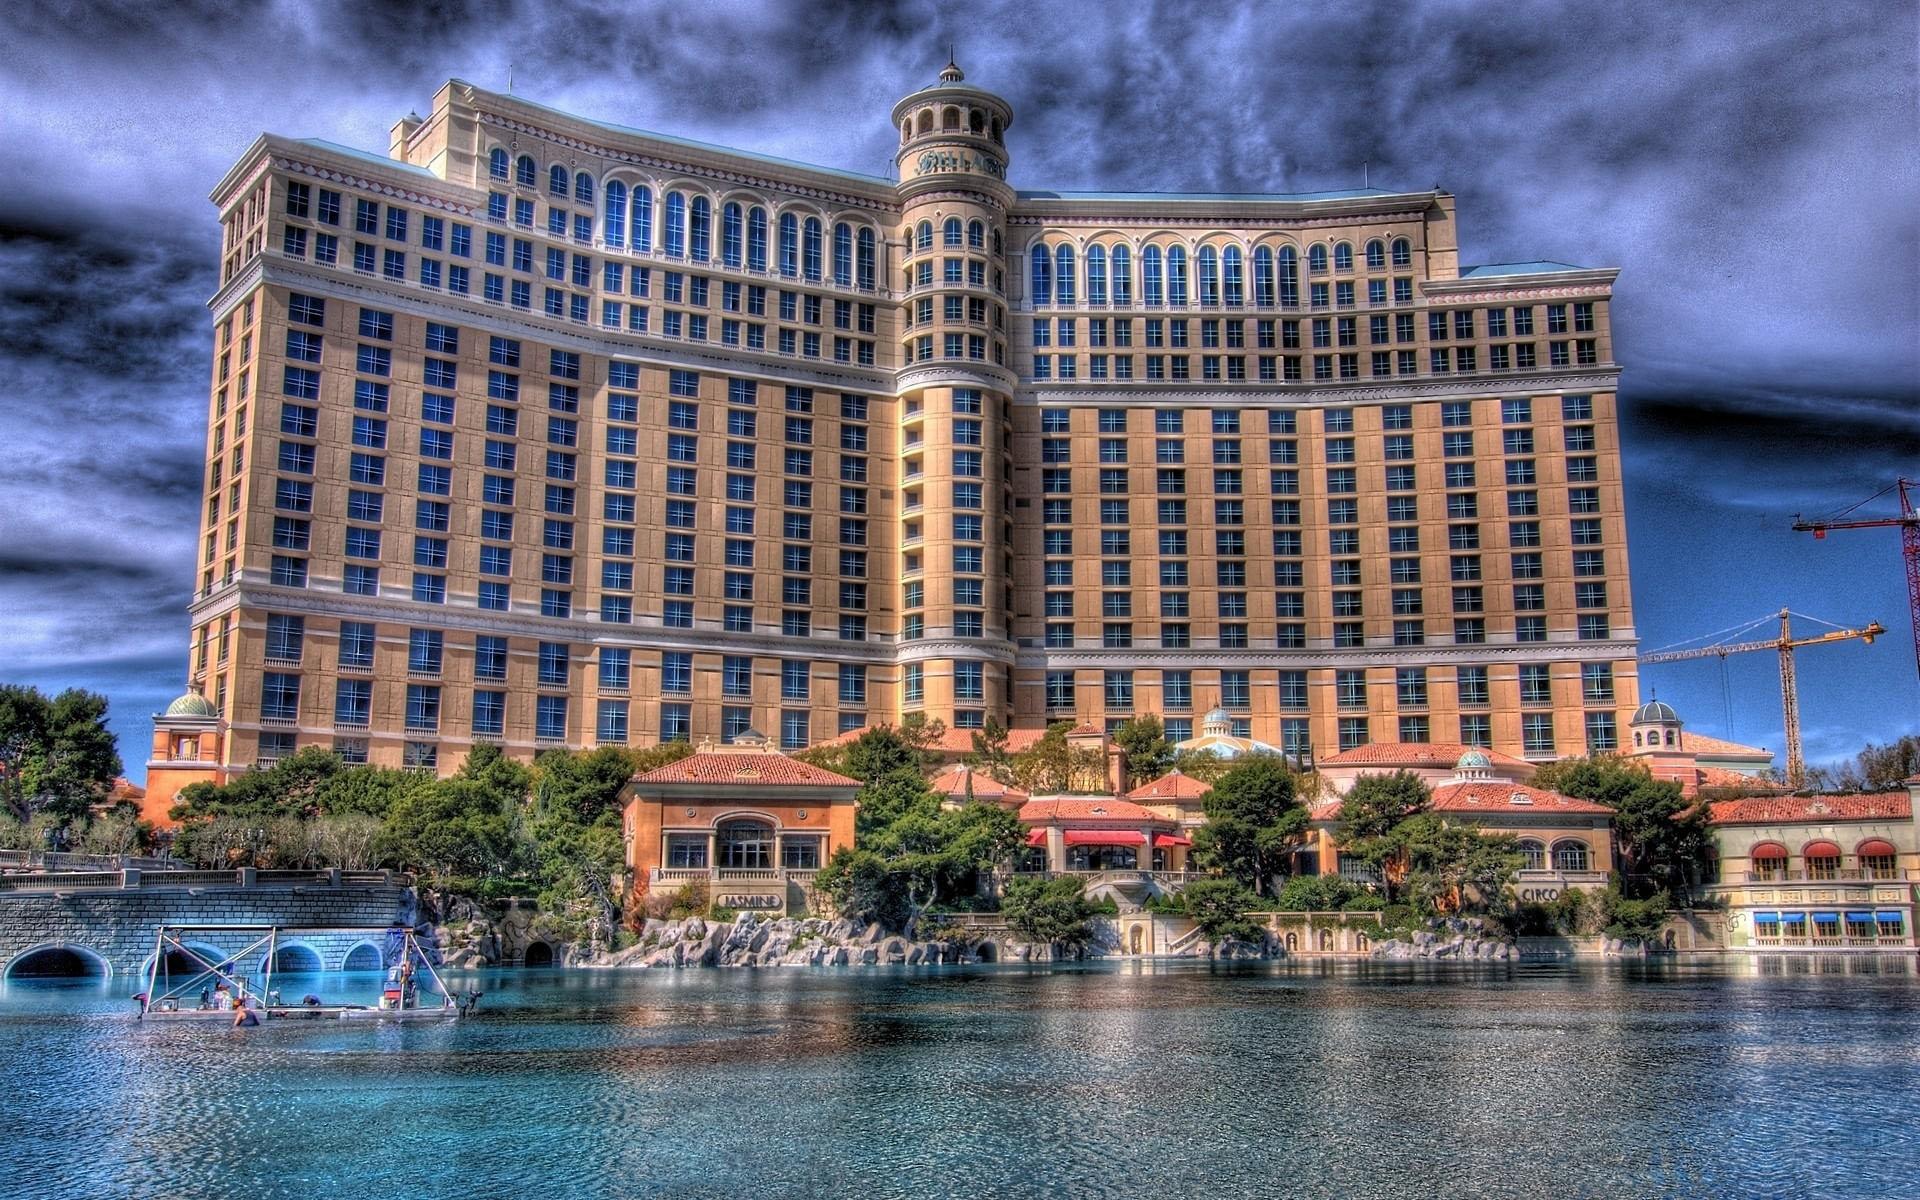 Bellagio Las Vegas Wallpaper 10